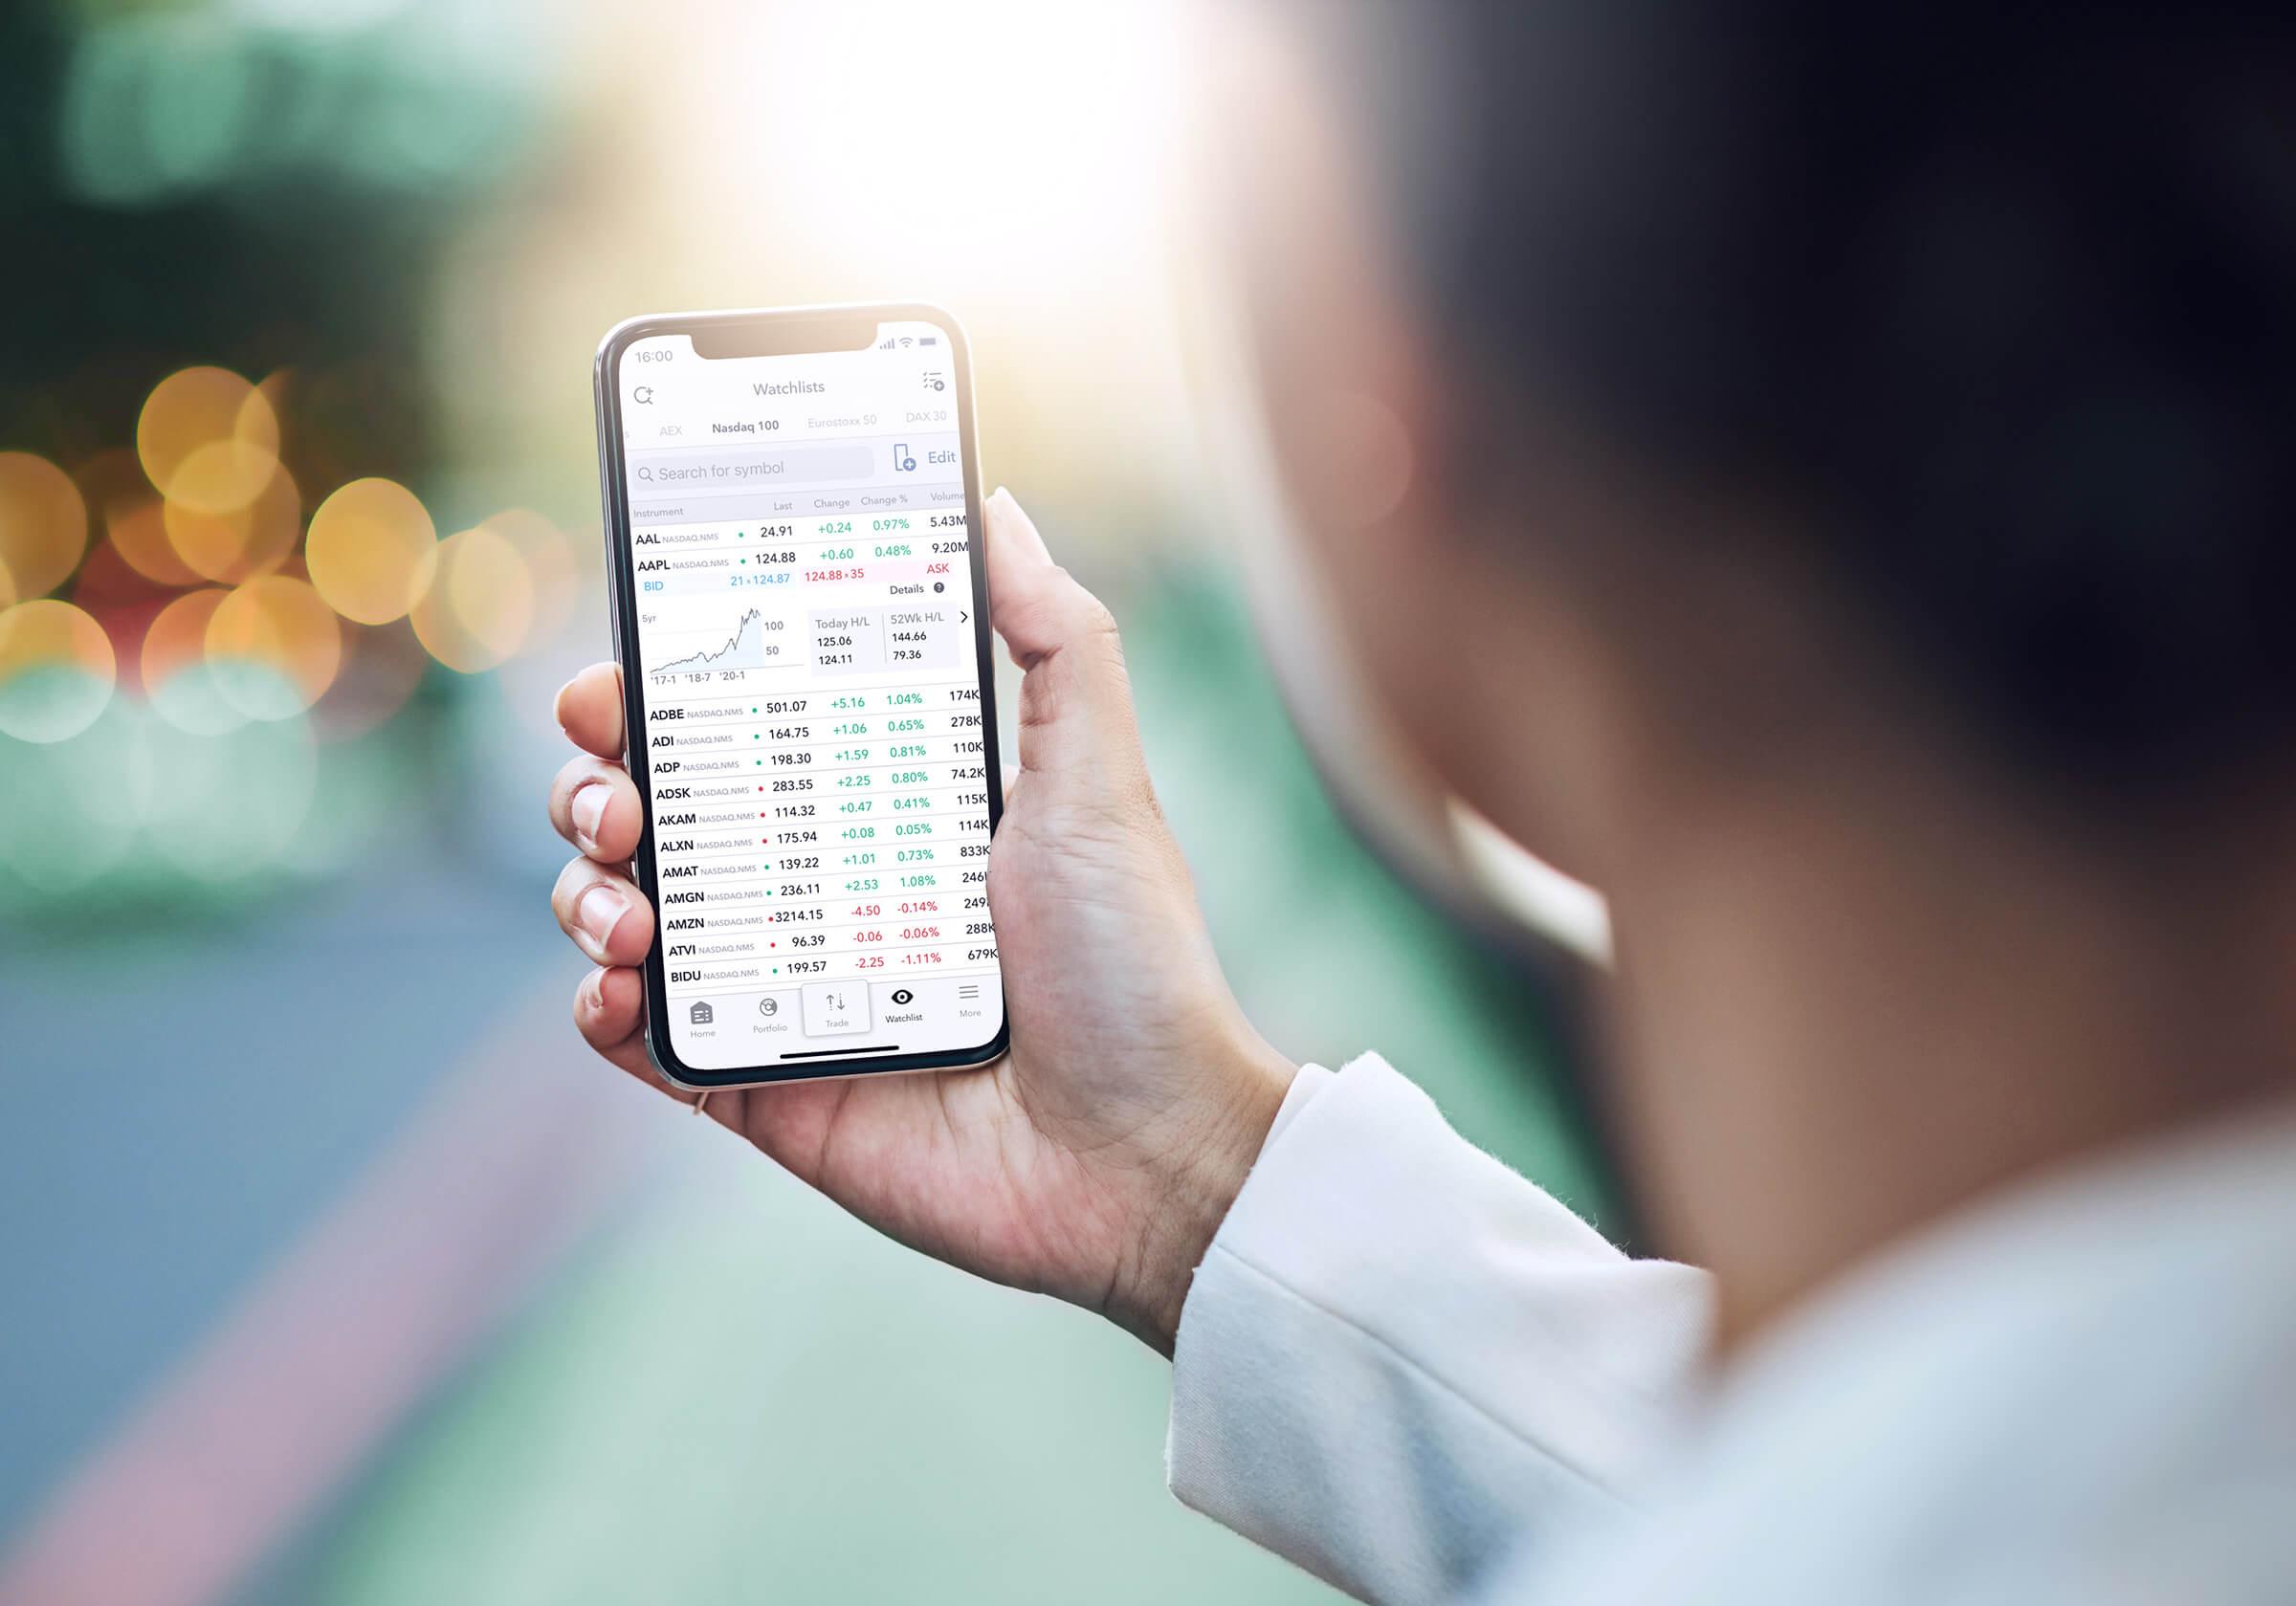 Úspěšný investor a klient LYNX obchodující akcie přes mobilní zařízení s aplikací LYNX Trading